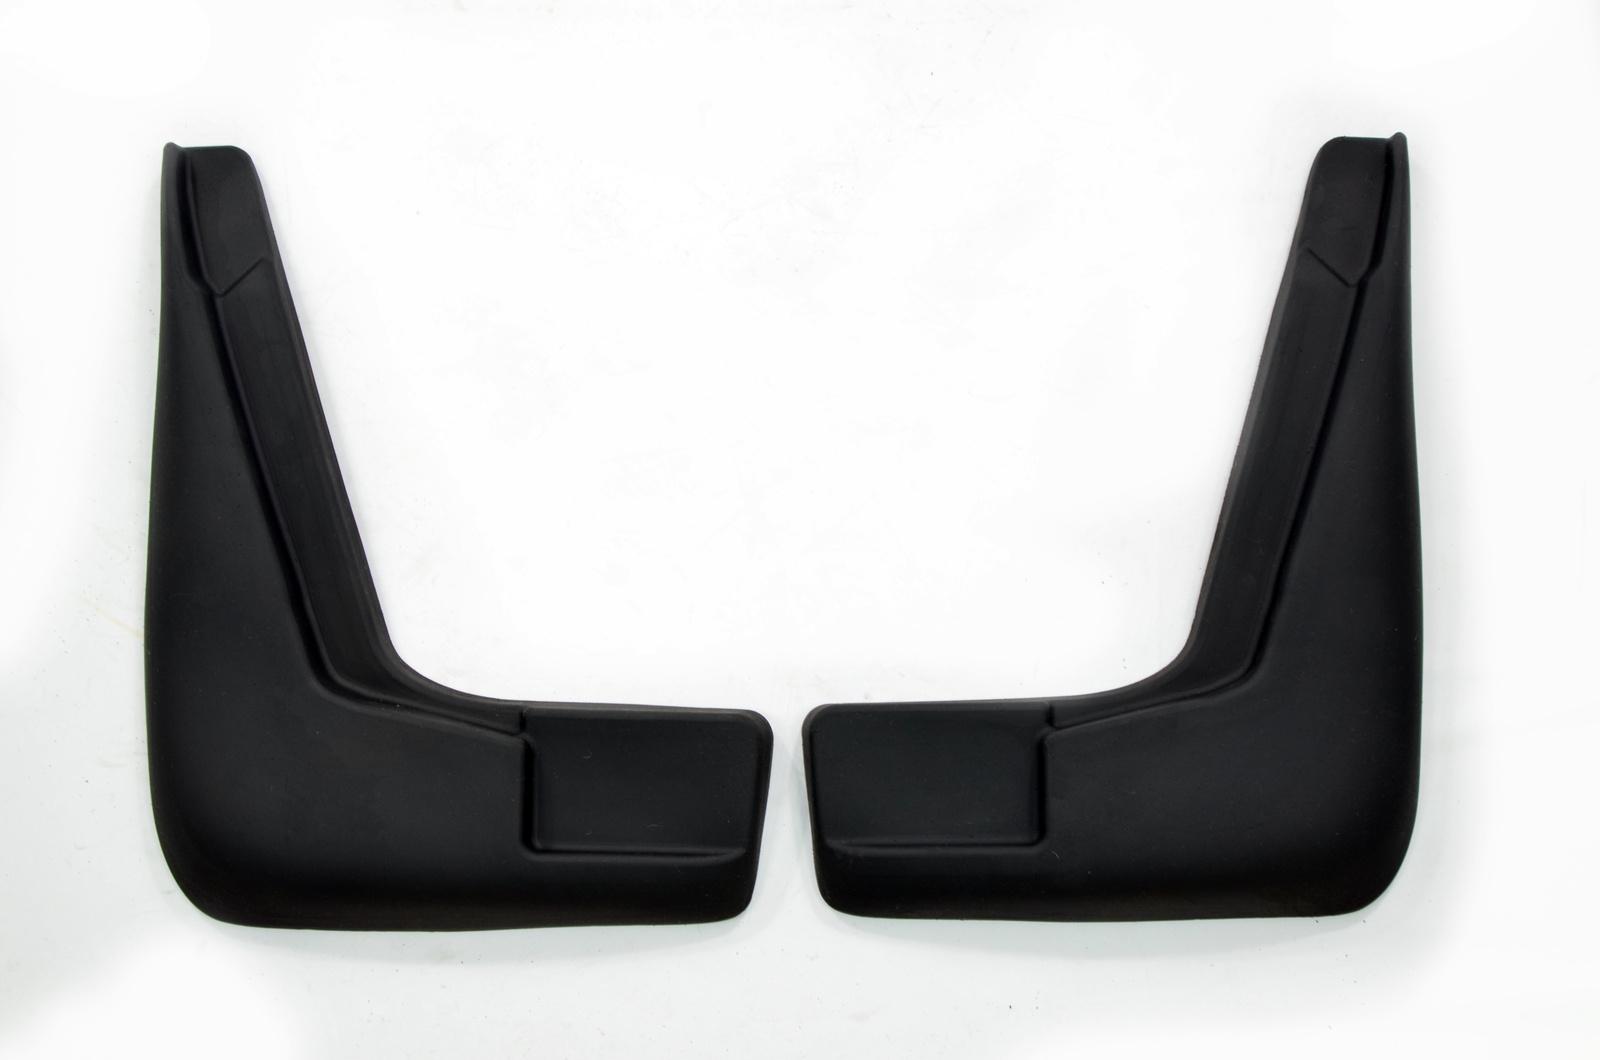 цена на Брызговики резиновые для Renault Logan (2004-2015) Передние